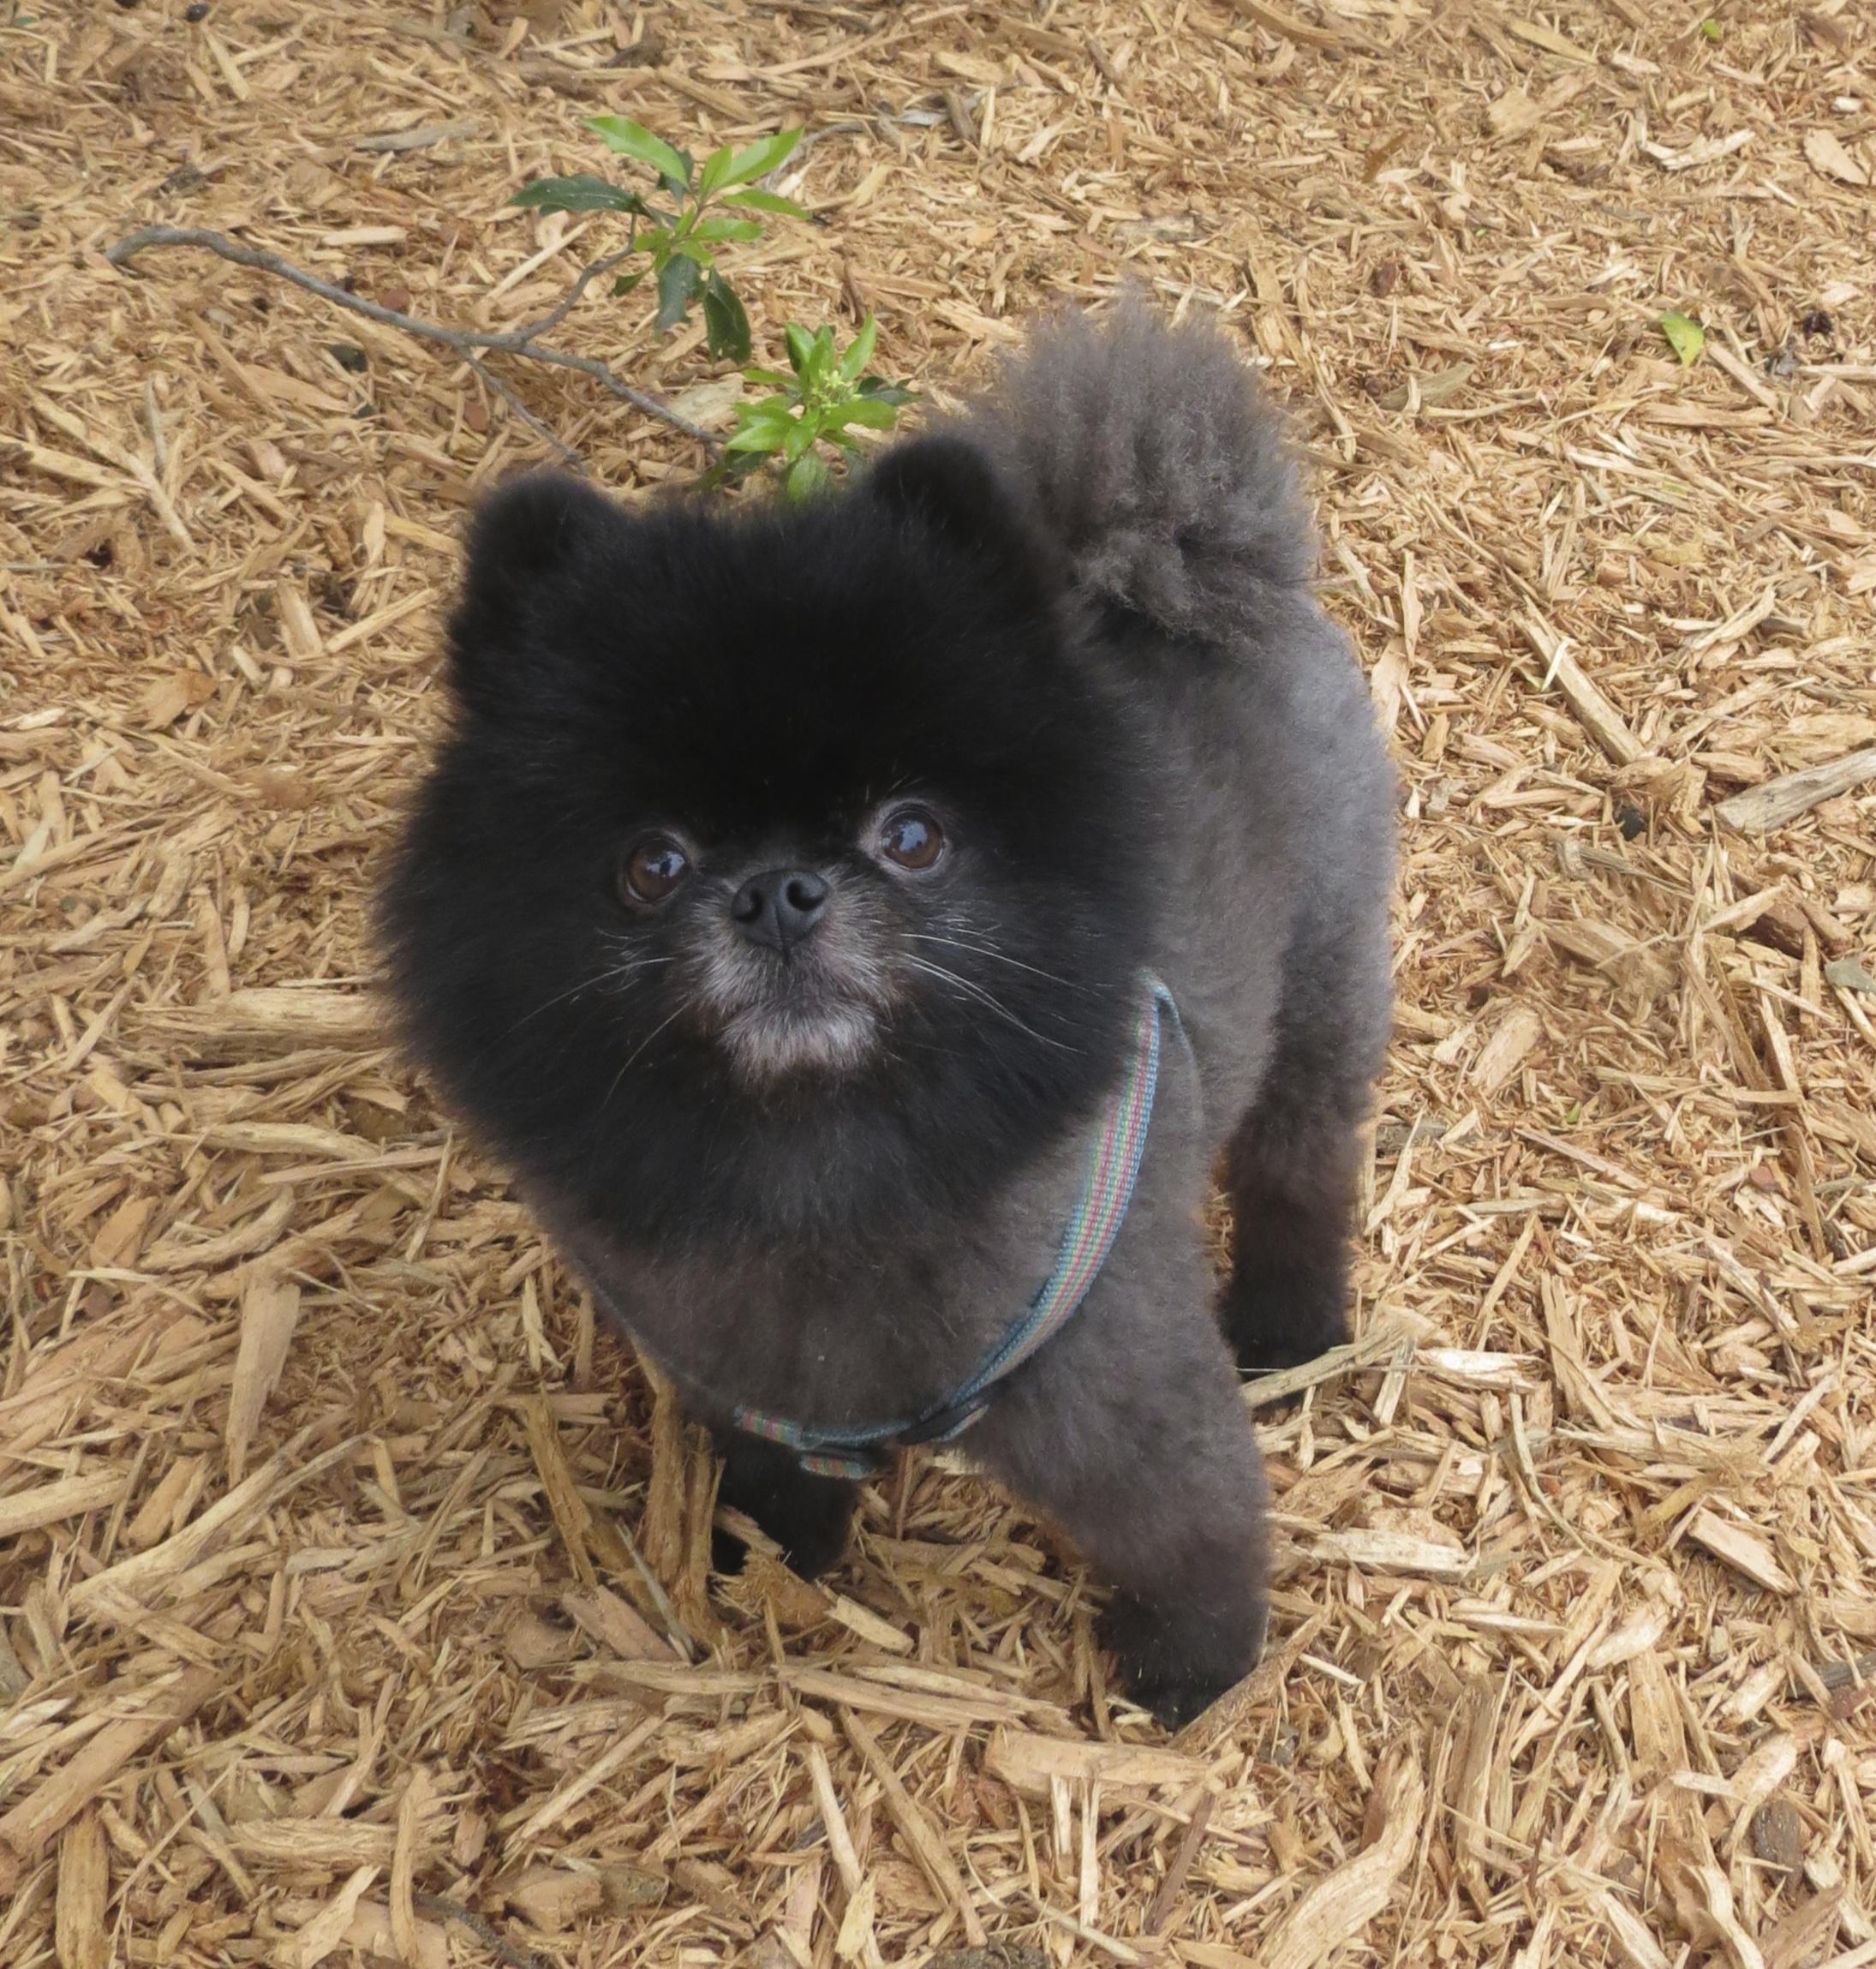 Small Black and Grey Pomeranian